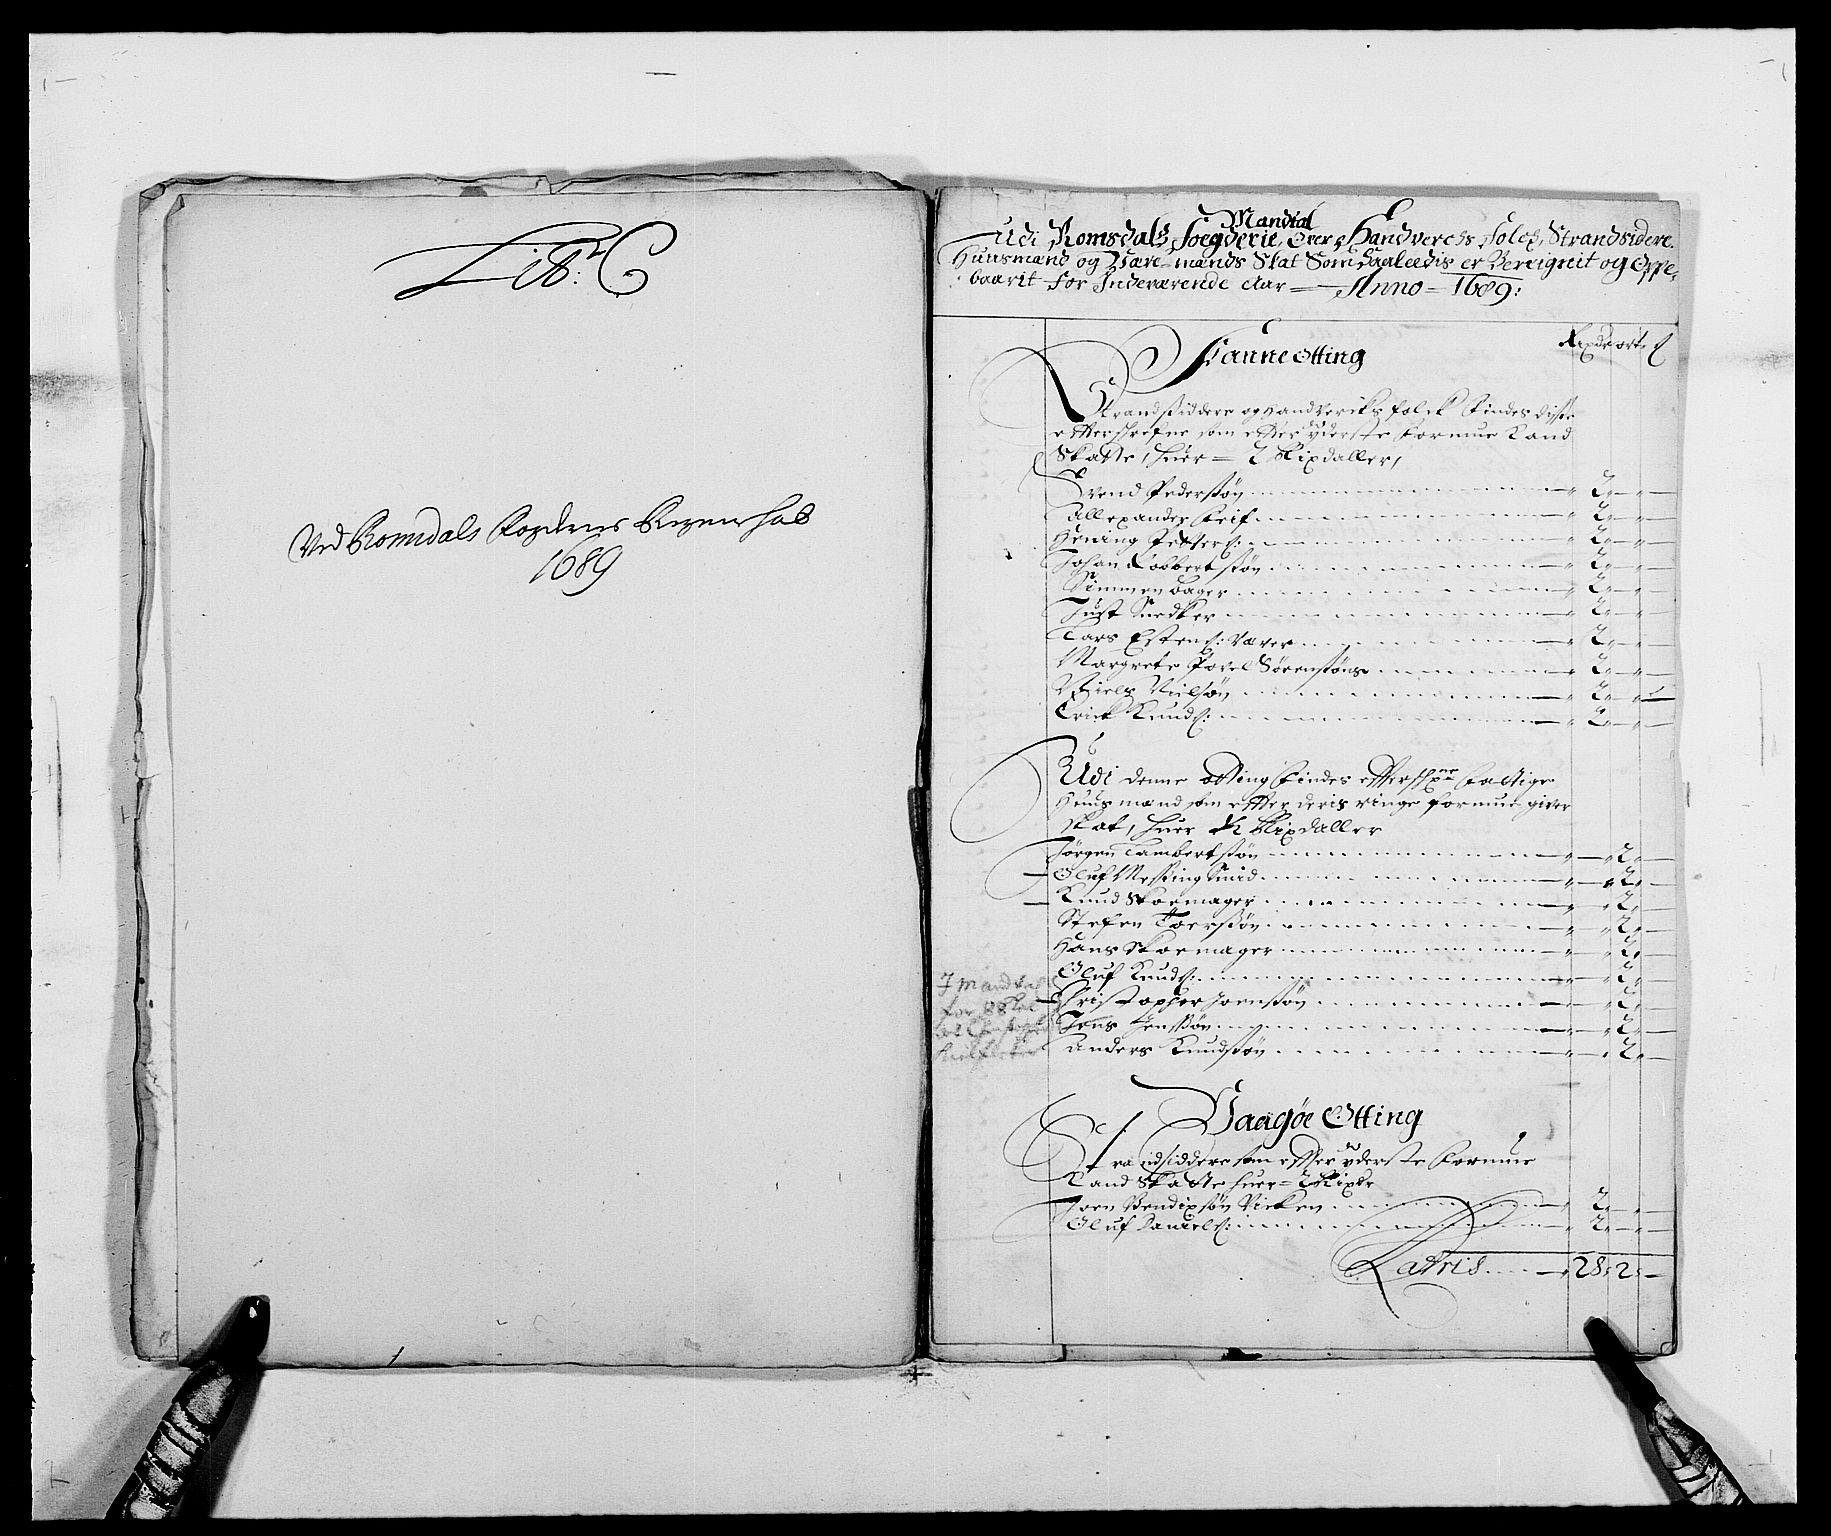 RA, Rentekammeret inntil 1814, Reviderte regnskaper, Fogderegnskap, R55/L3648: Fogderegnskap Romsdal, 1687-1689, s. 321